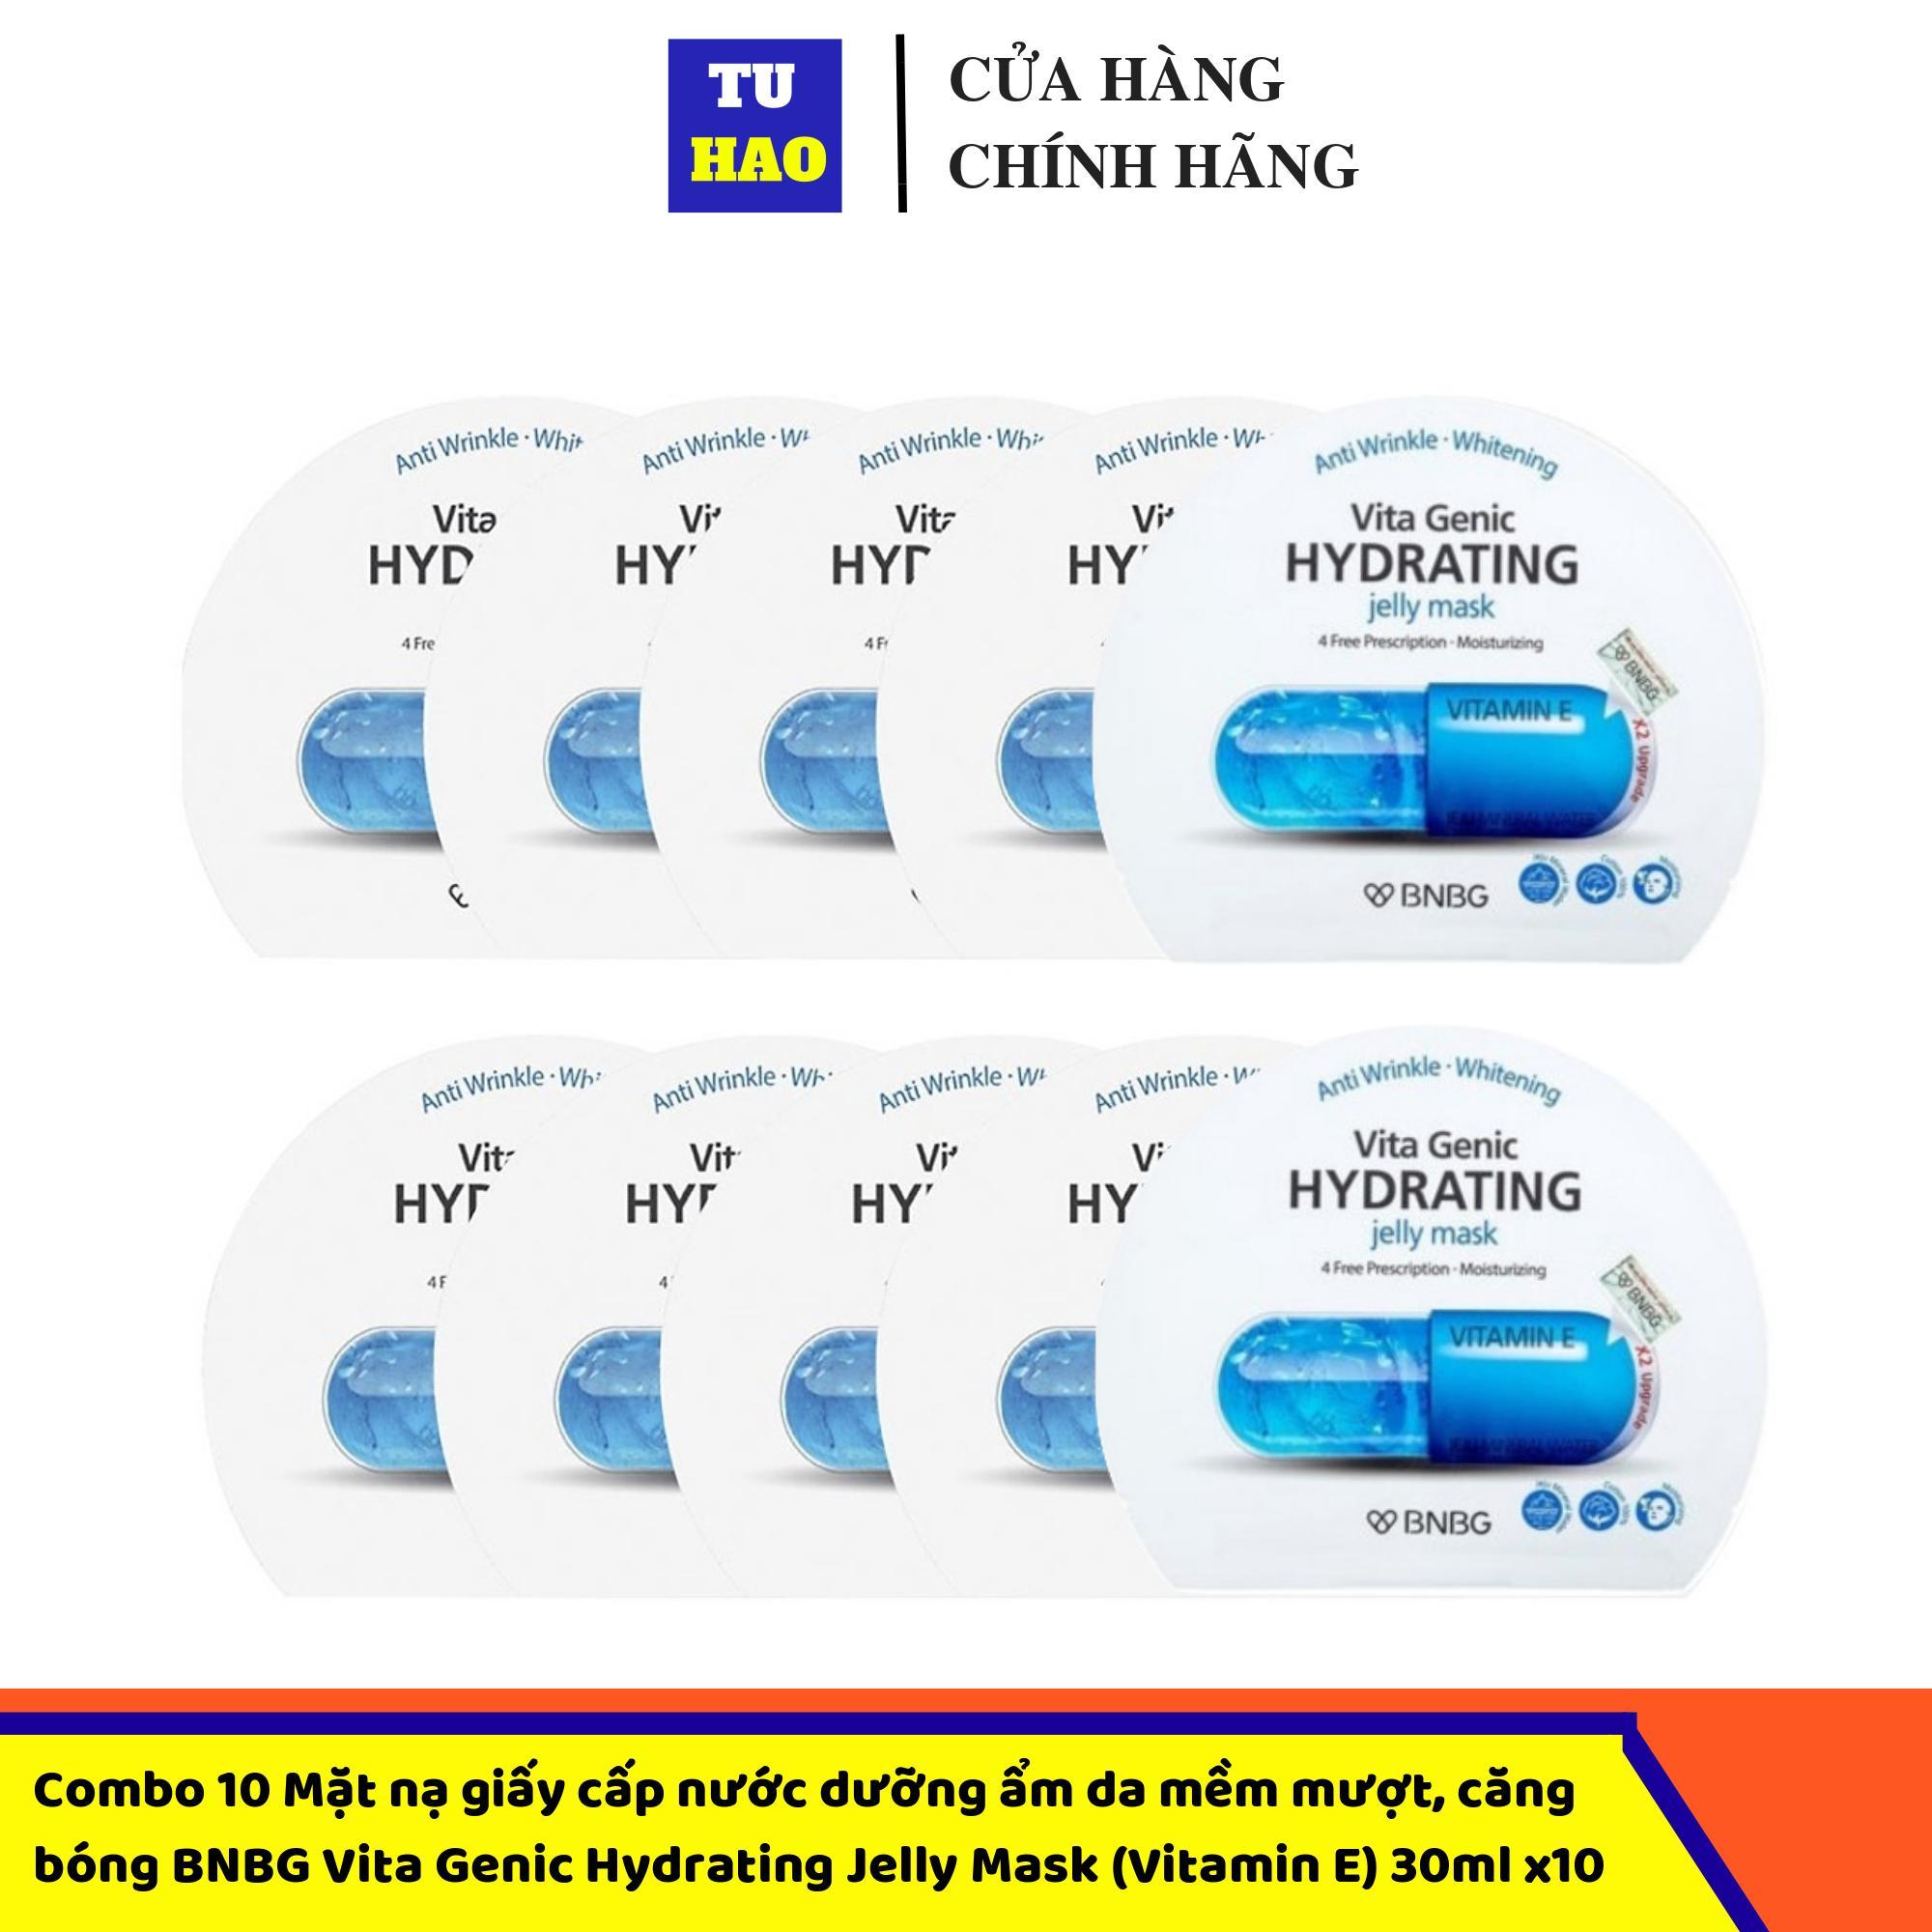 Hộp 10 Mặt nạ giấy cấp nước dưỡng ẩm da mềm mượt, căng bóng BNBG Vita Genic Hydrating Jelly Mask (Vitamin E) 30ml x10 cao cấp